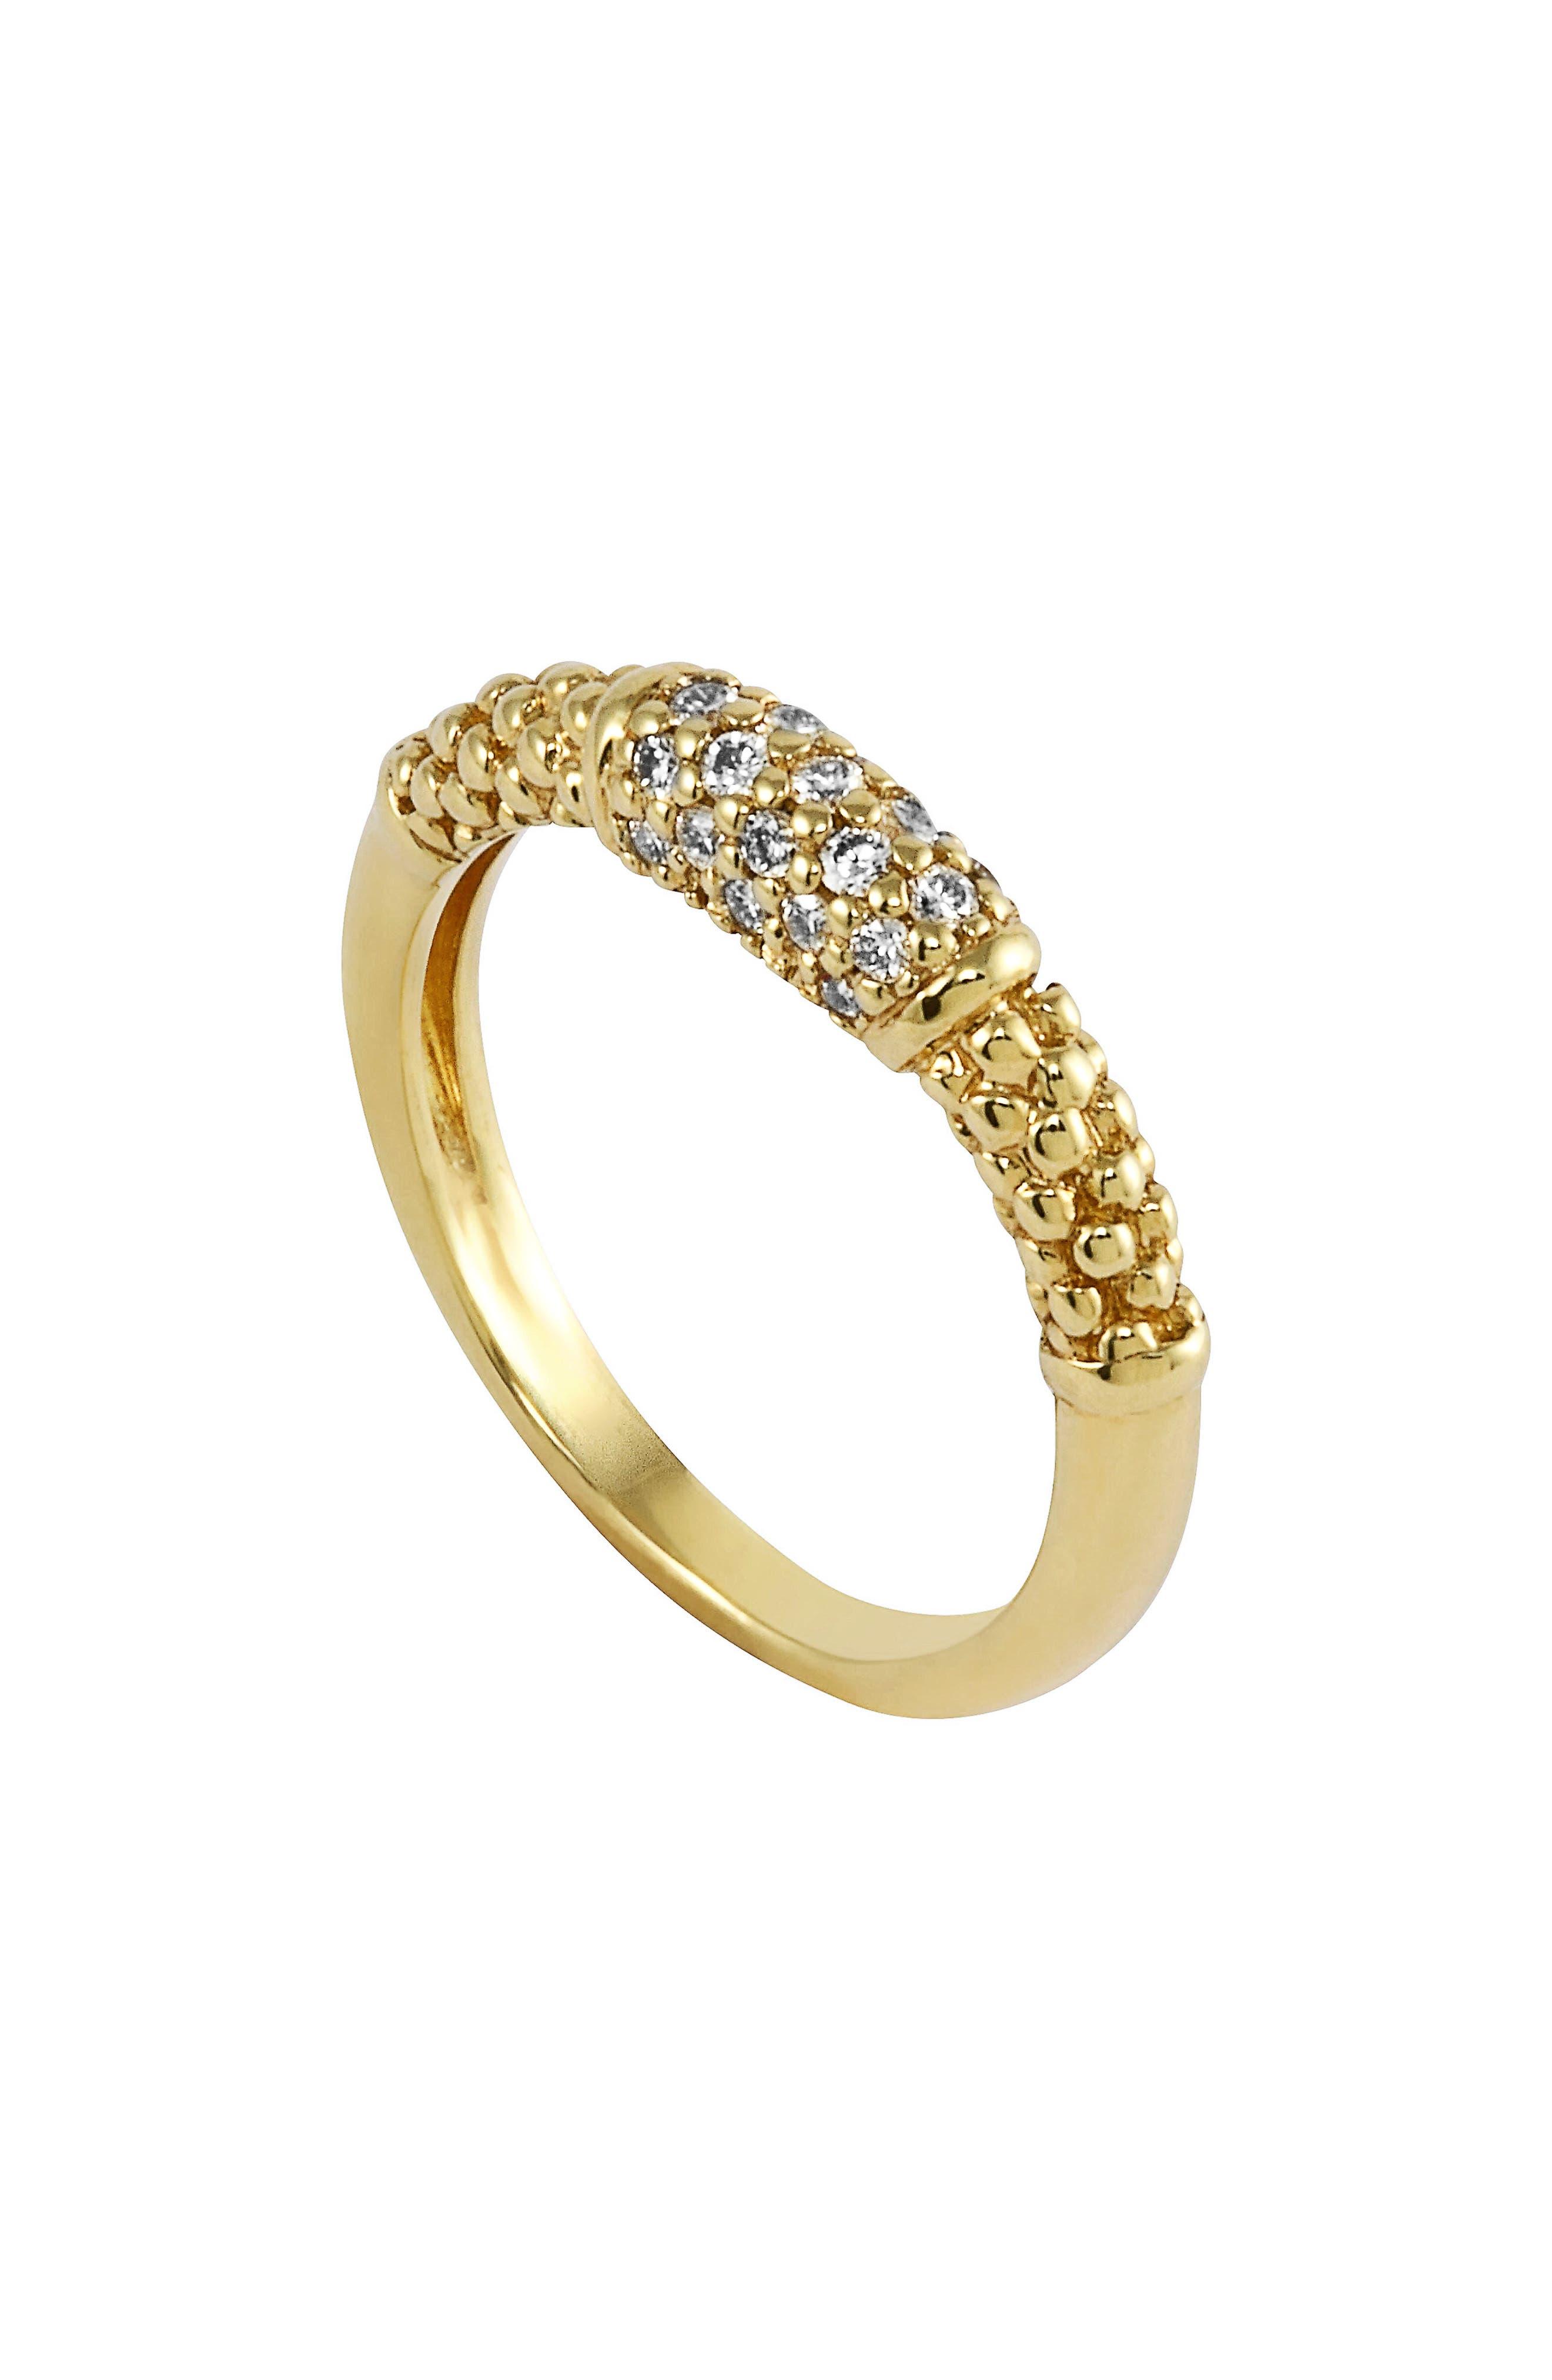 LAGOS Caviar Diamond Ring